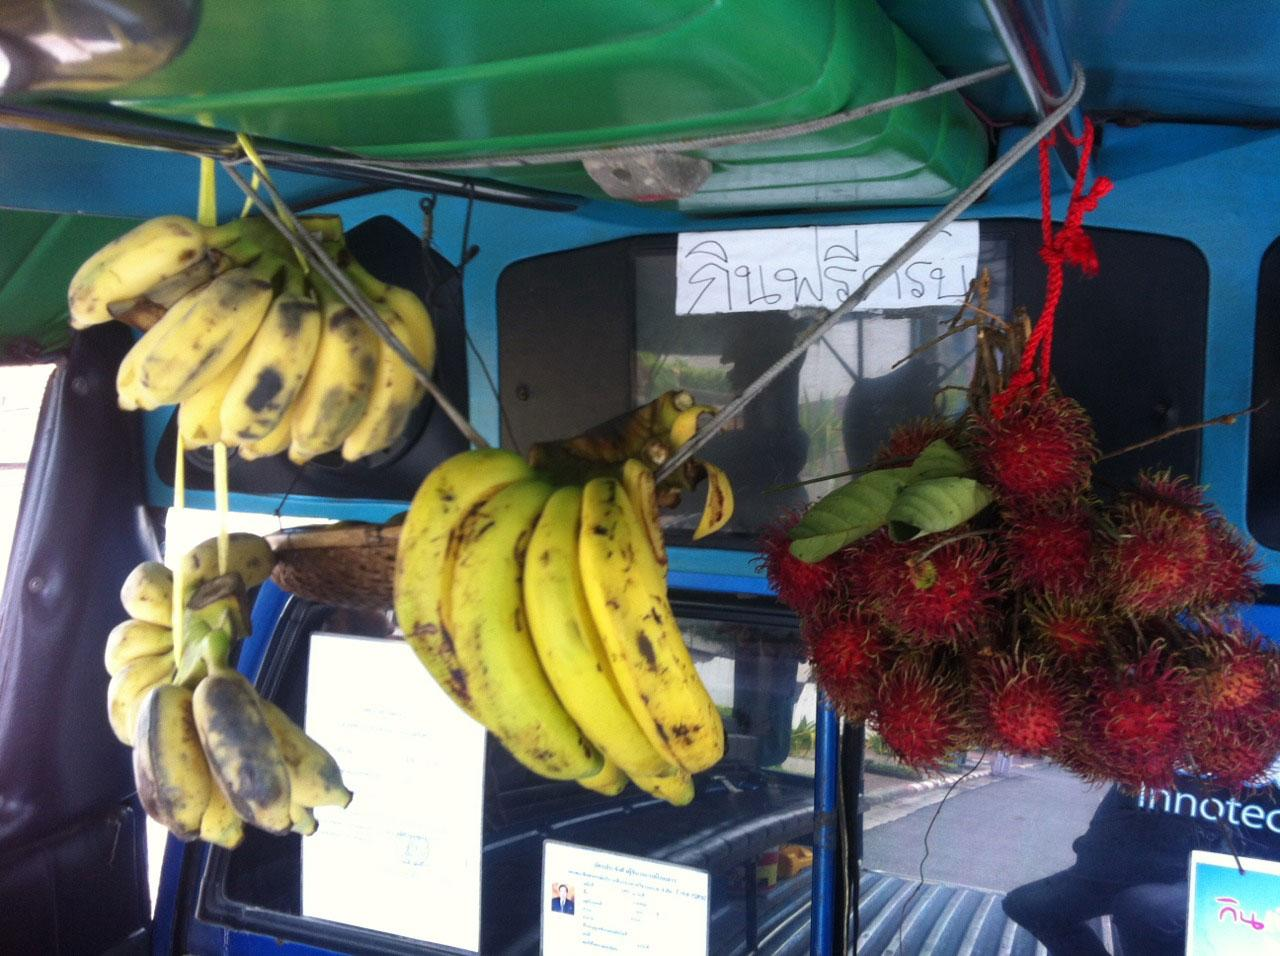 แขวนกล้วย และผลไม้อื่นๆ ให้ผู้โดยสารรับประทานฟรี